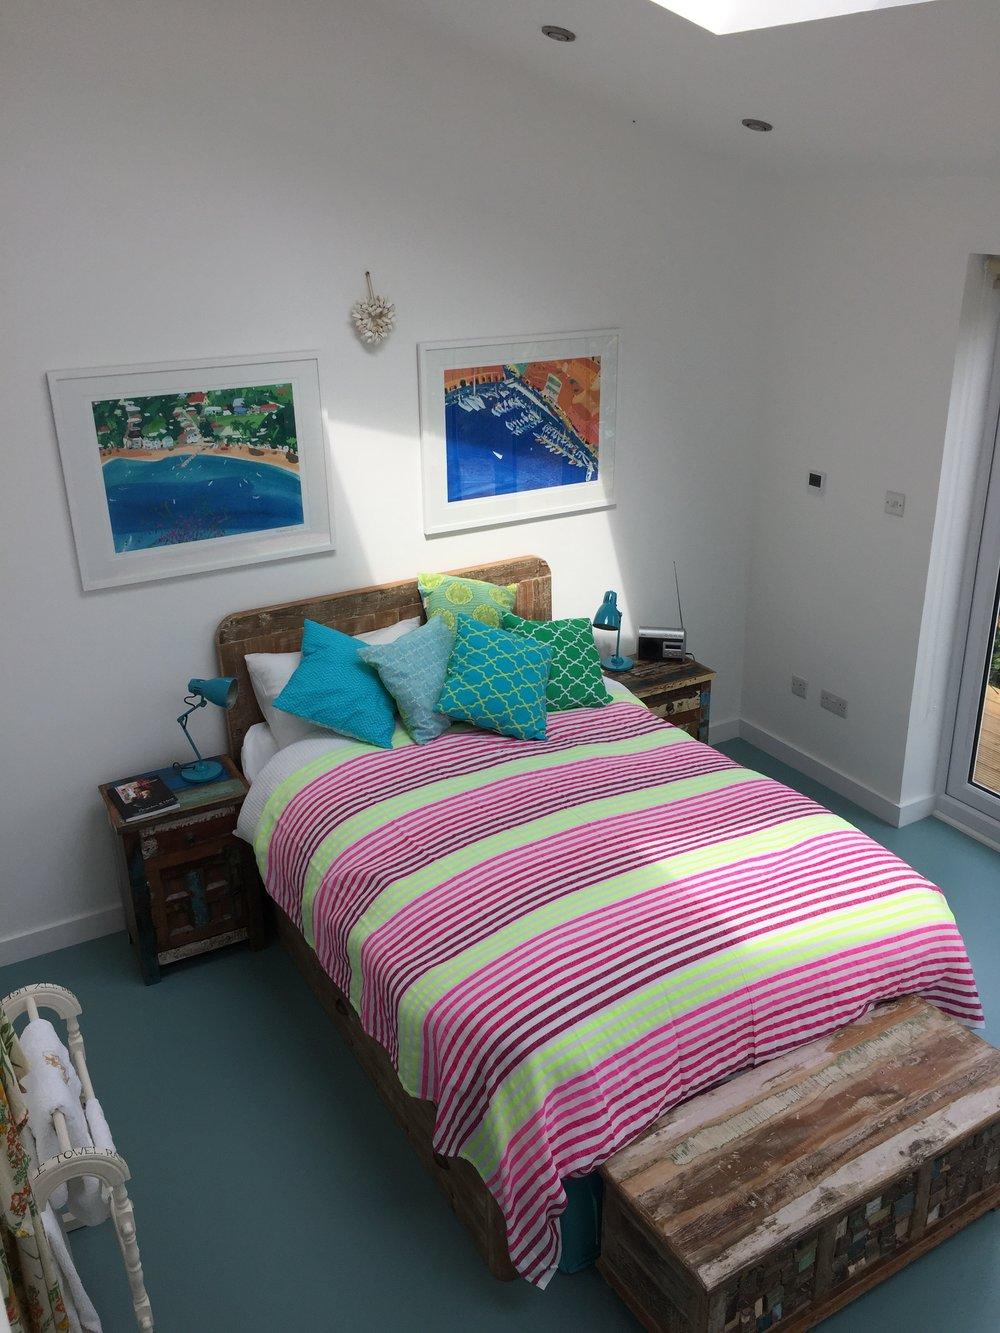 My new garden/guest room